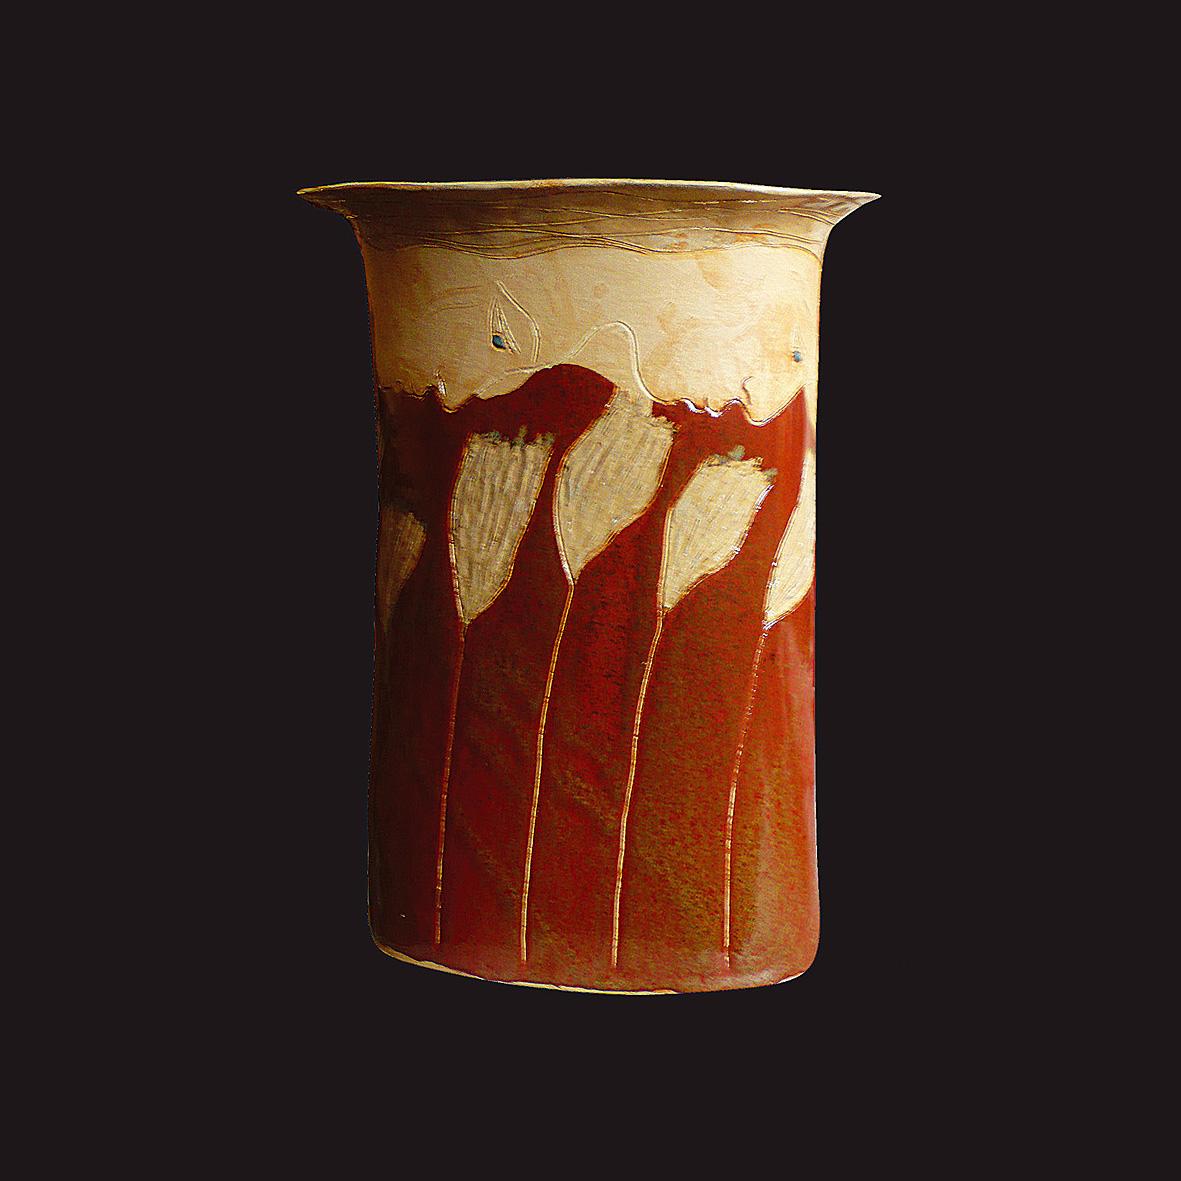 GRAND VASE DROIT /  Pièce en grés gravé émaillé -  Haut : env. 40 cm - Larg : env. 30 cm